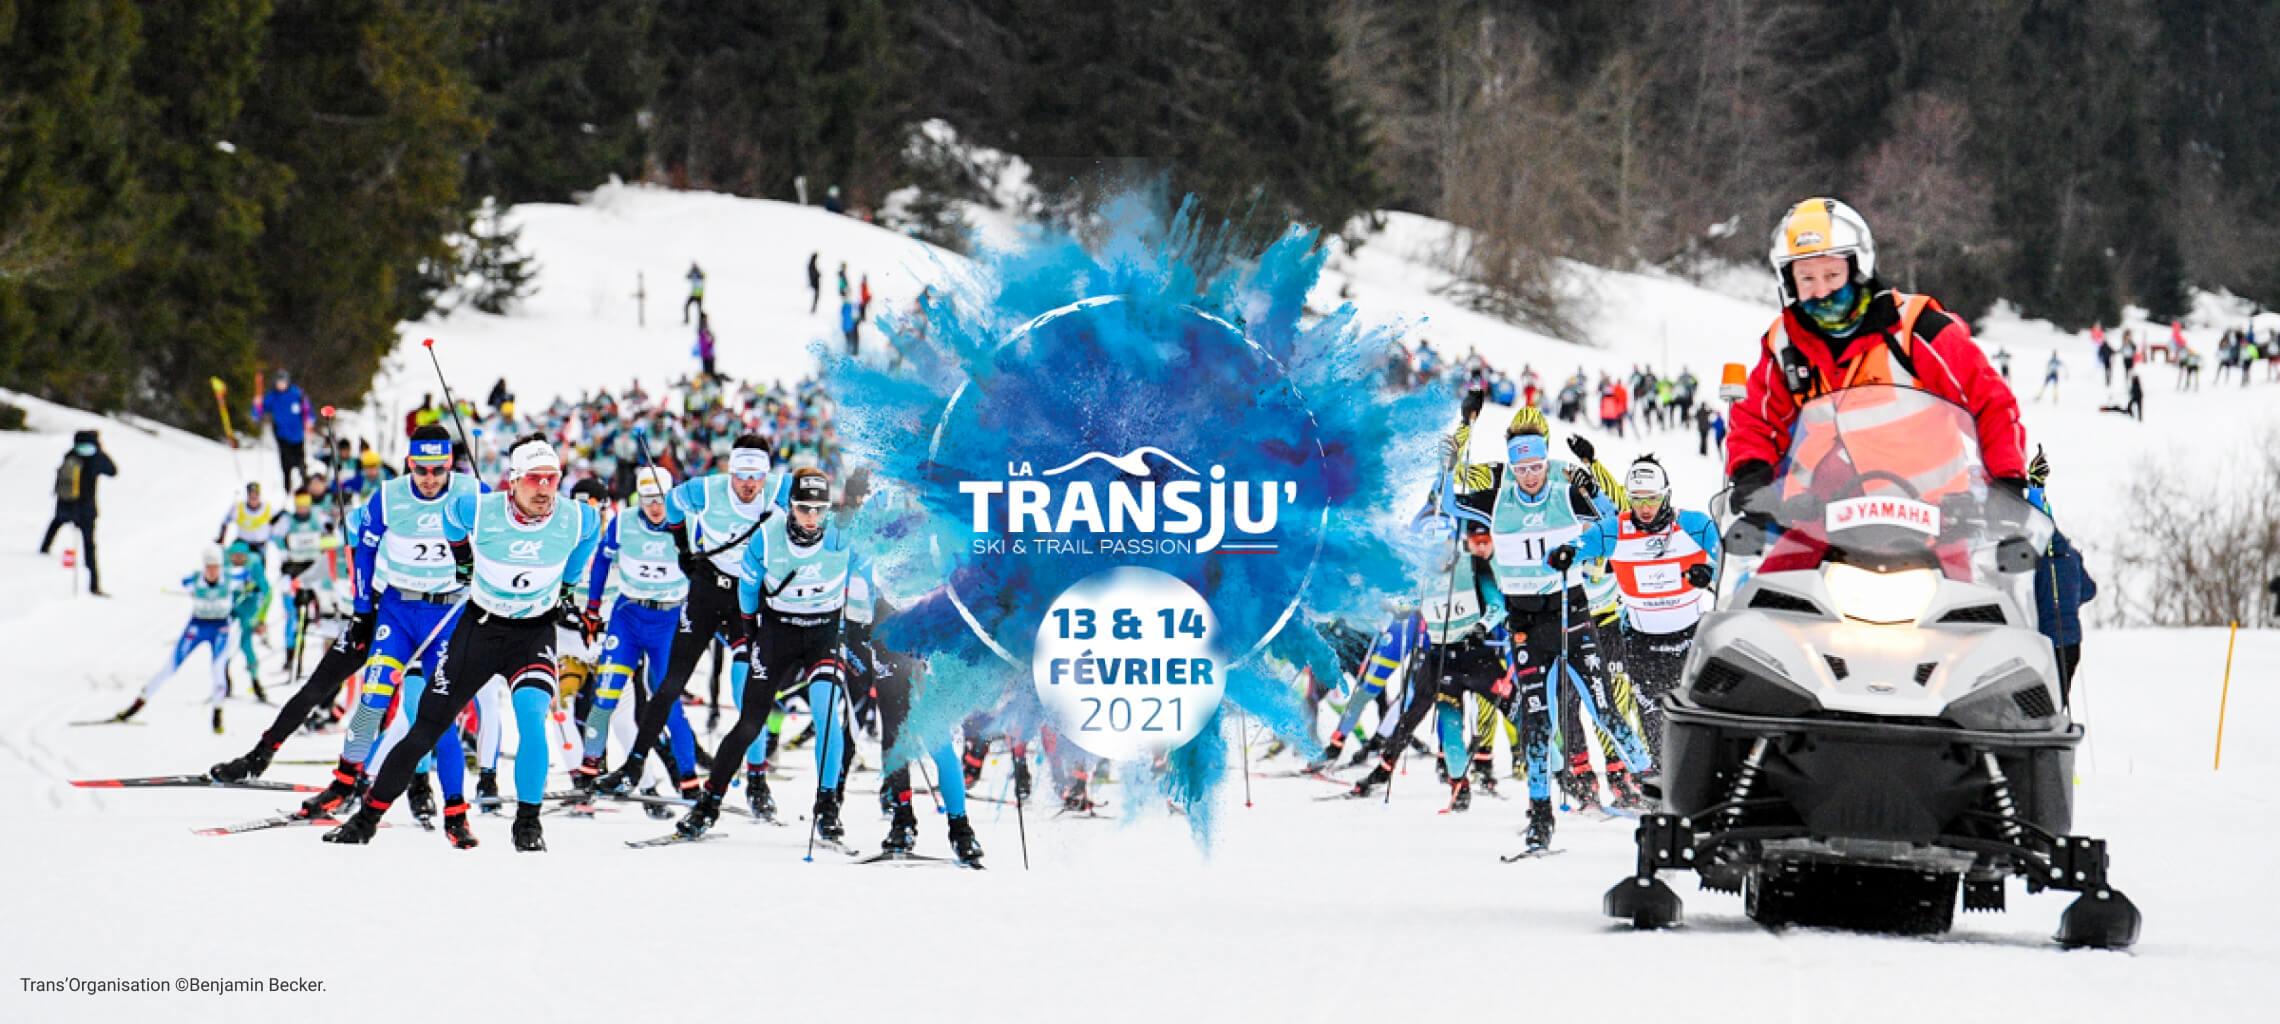 Trans'Organisation